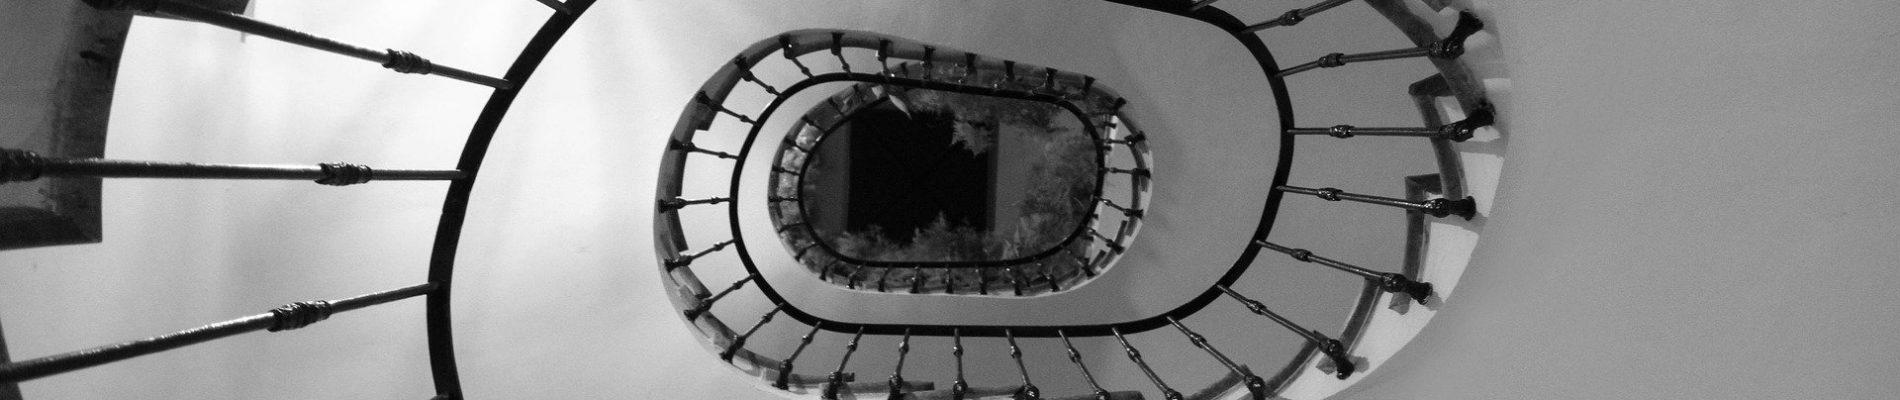 Treppenhausreinigung Aachen